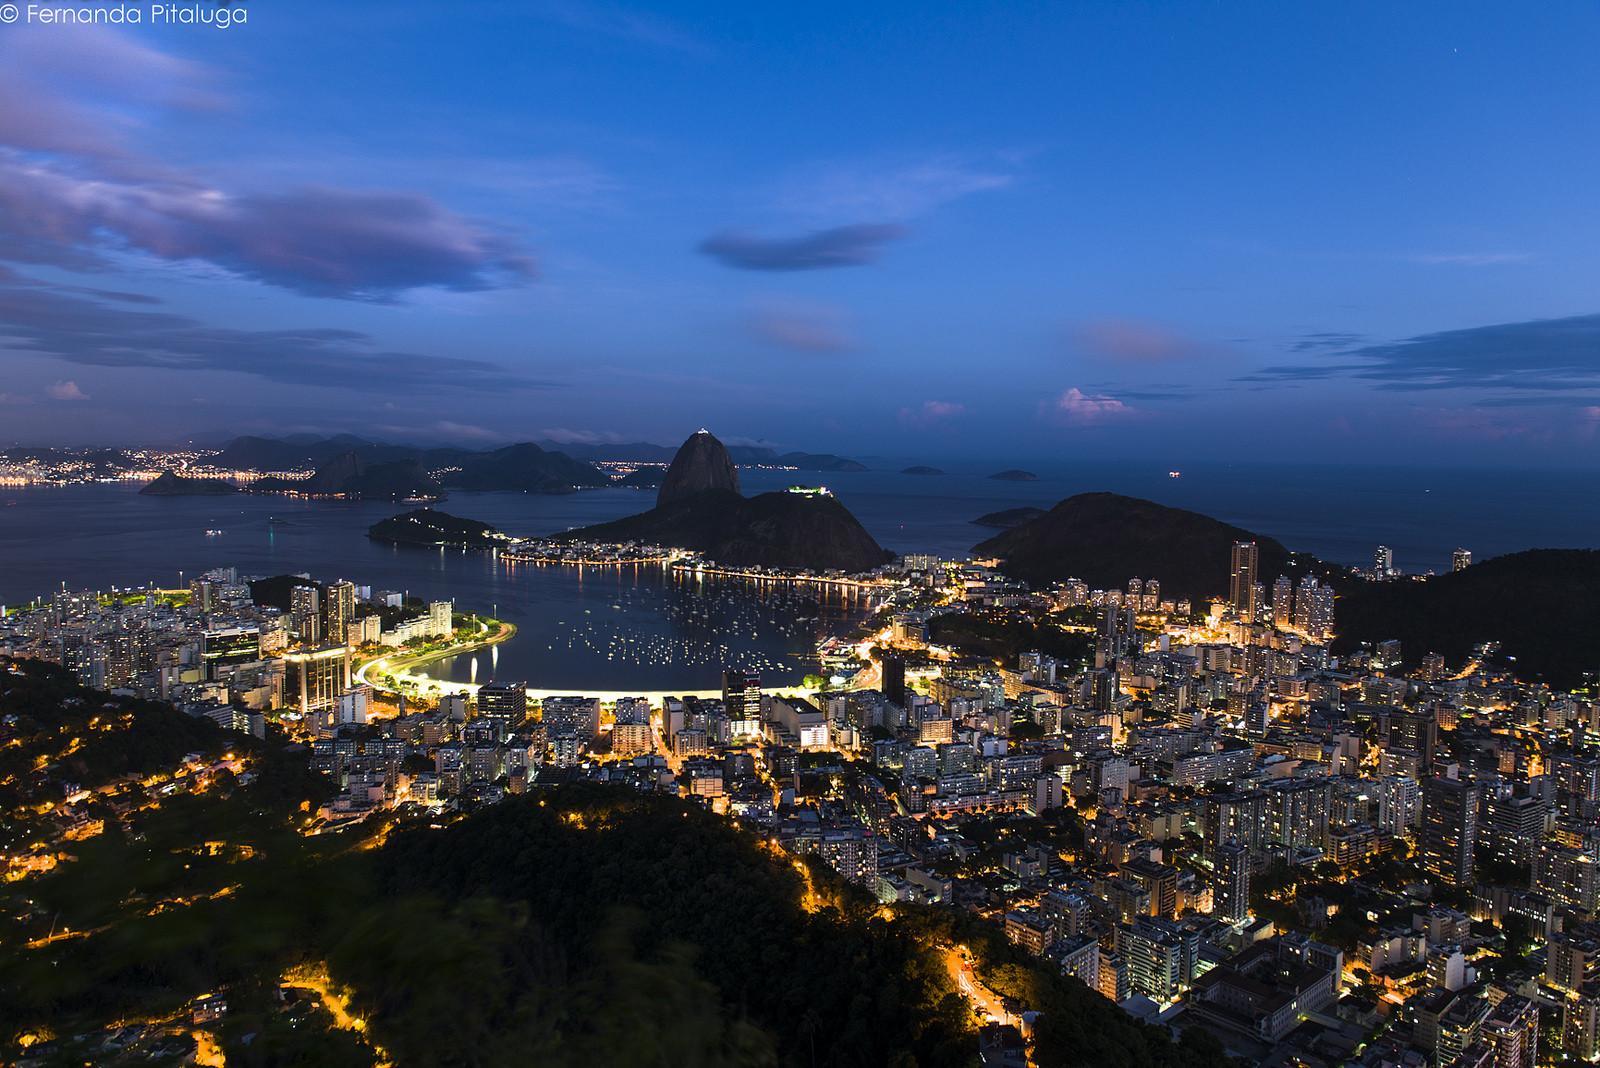 Rio de Janeiro é a cidade brasileira com o maior crescimento entre metrópoles mundiais, Cortesia de Fernanda Pitaluga, via Flickr, CC